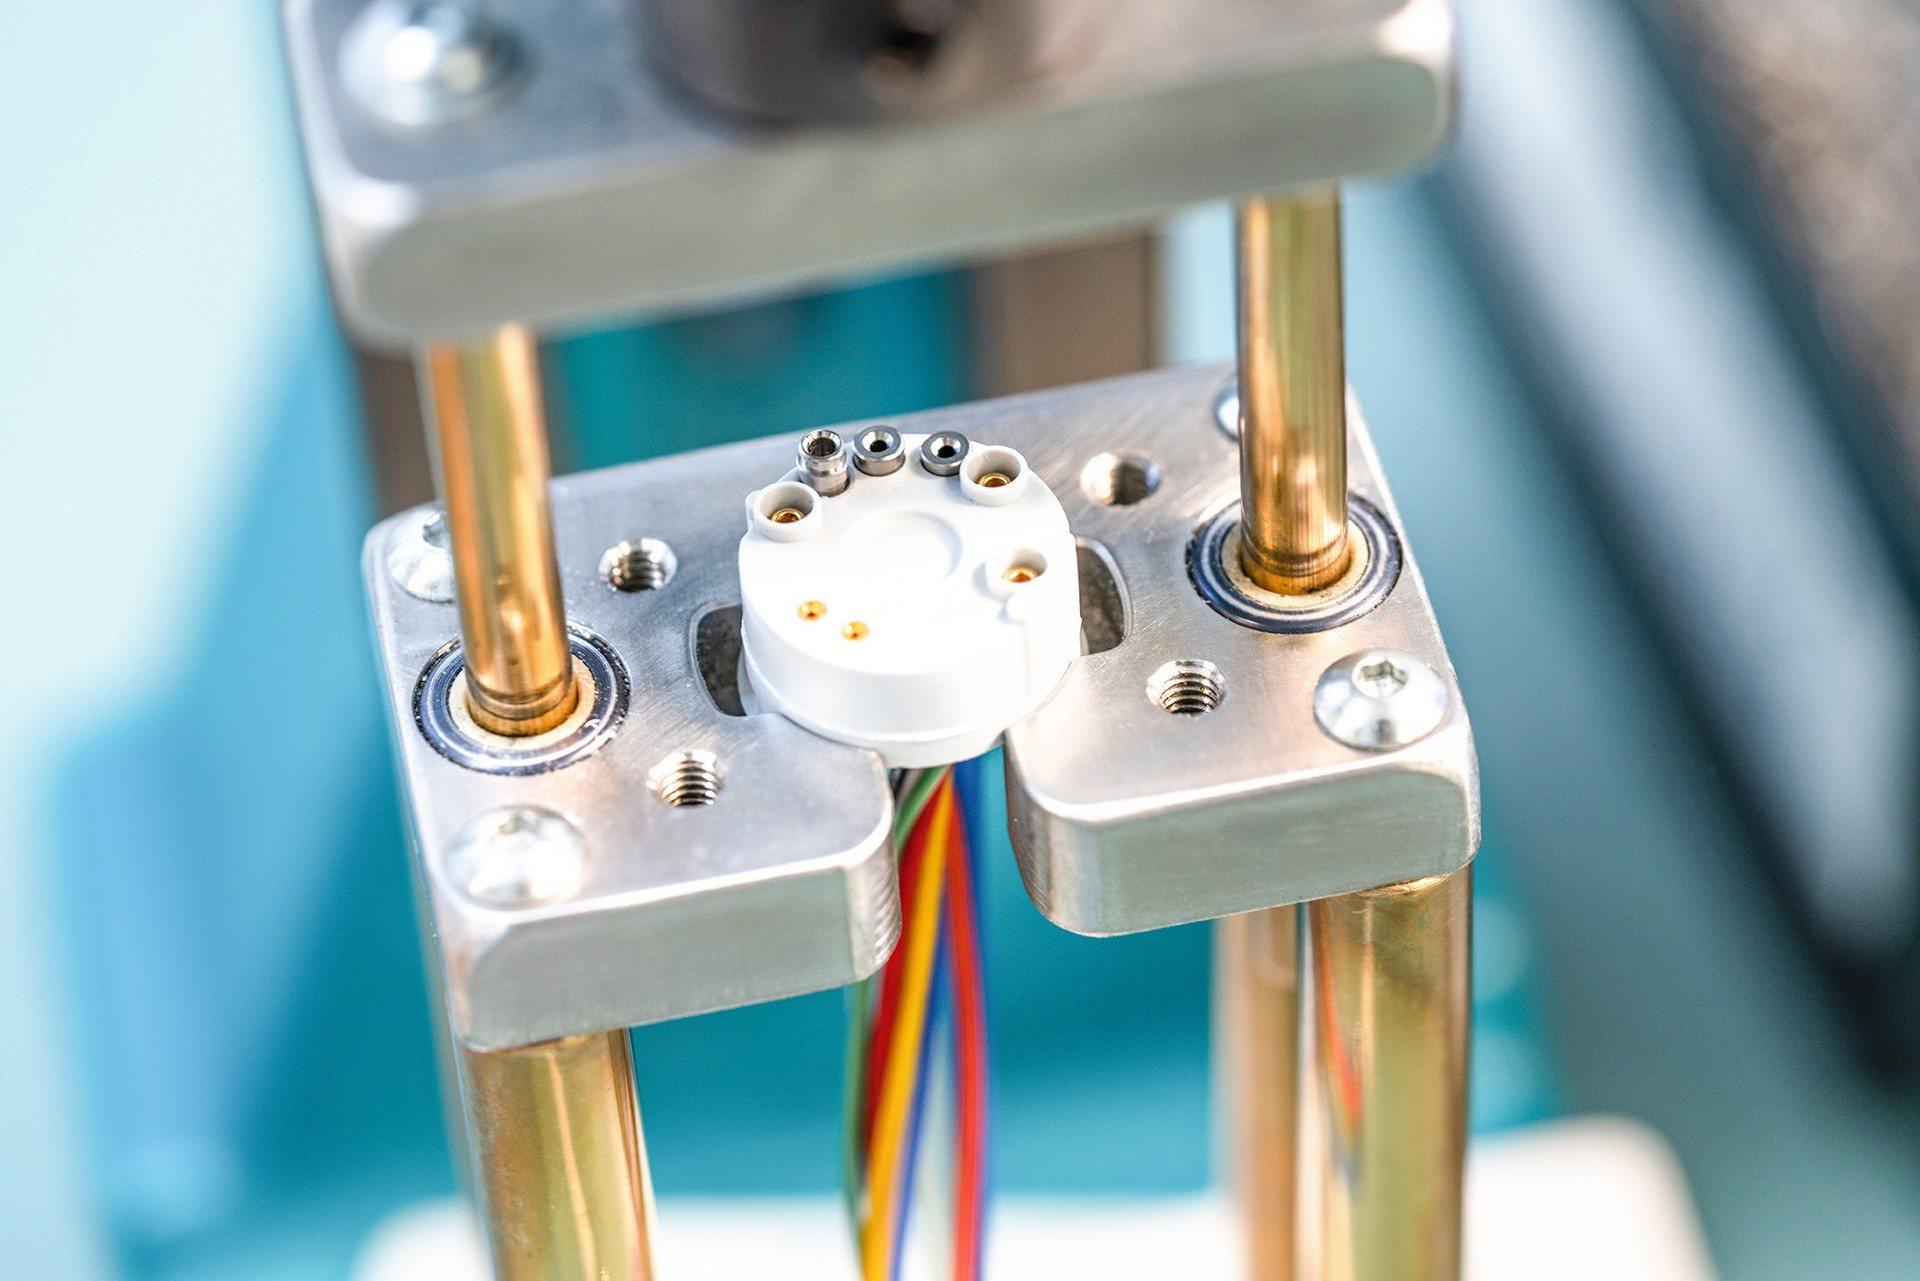 Sensorschlauch wird aufgezogen und gepresst